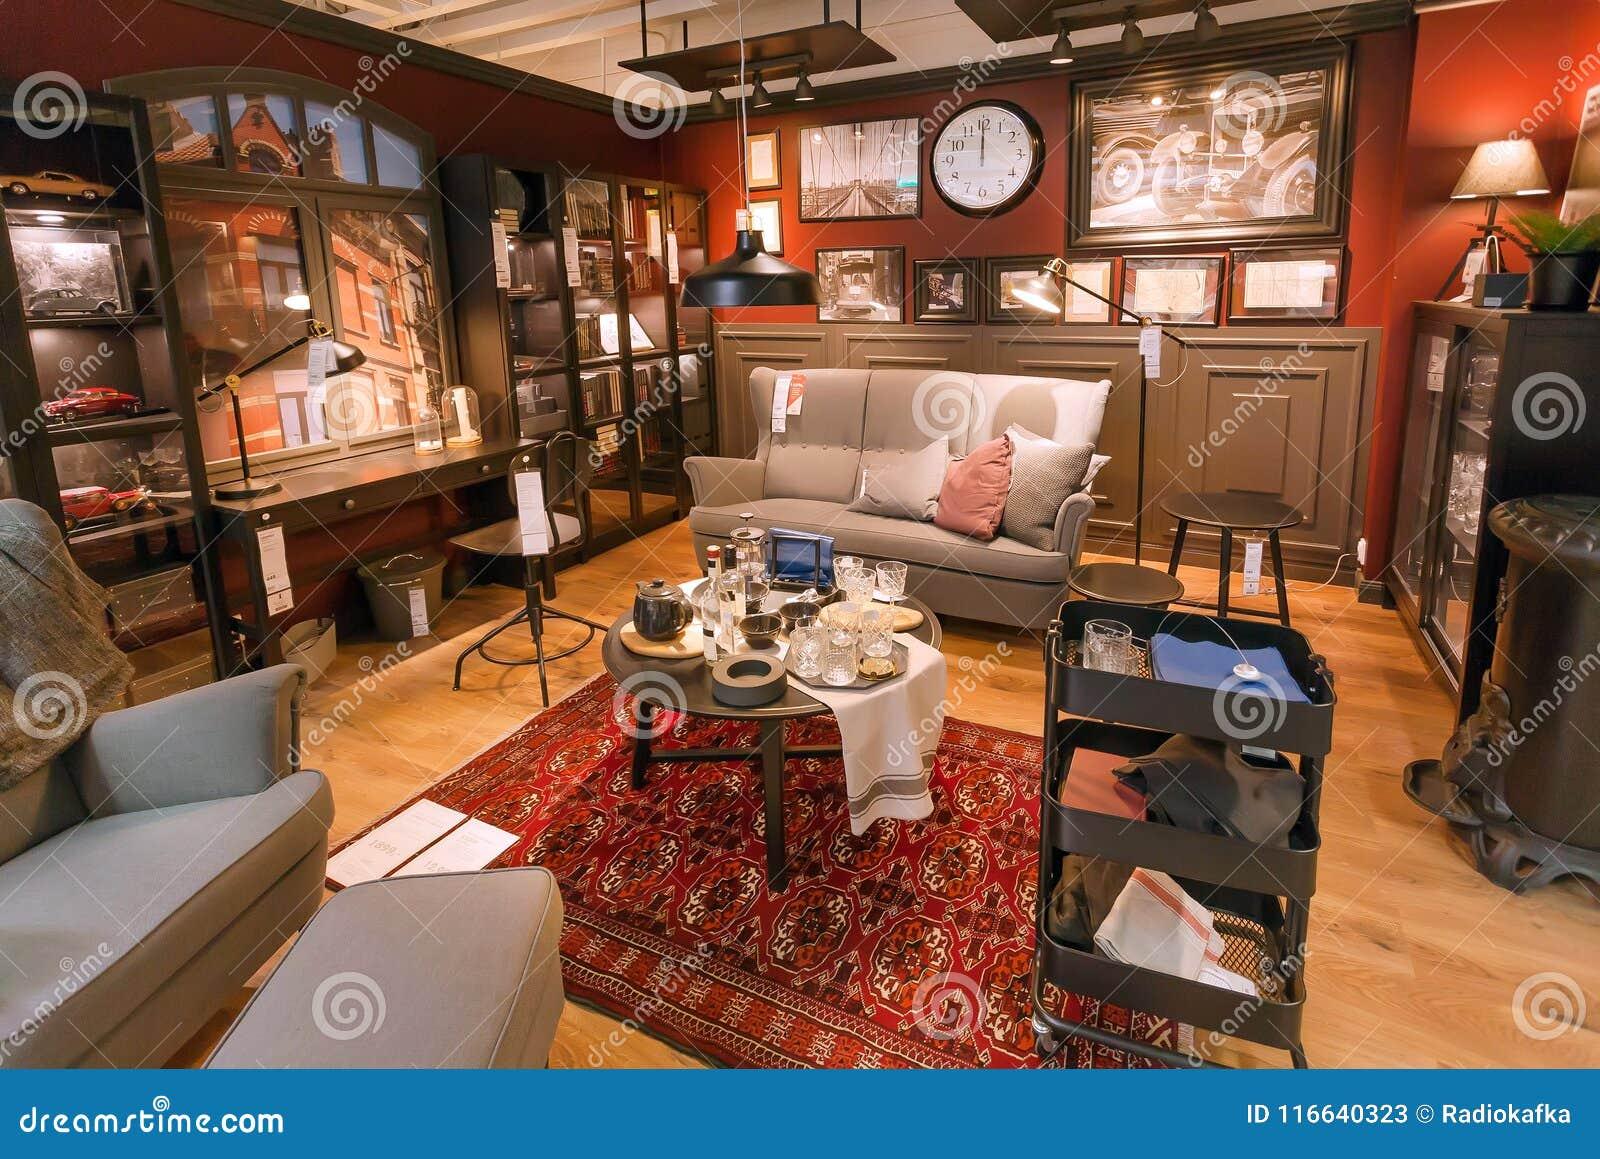 Interior De La Sala De Estar Lmodern En La Tienda Grande De Ikea Con Muebles La Decoracion Y Muchos Productos Para El Hogar Foto De Archivo Editorial Imagen De Ikea Hogar